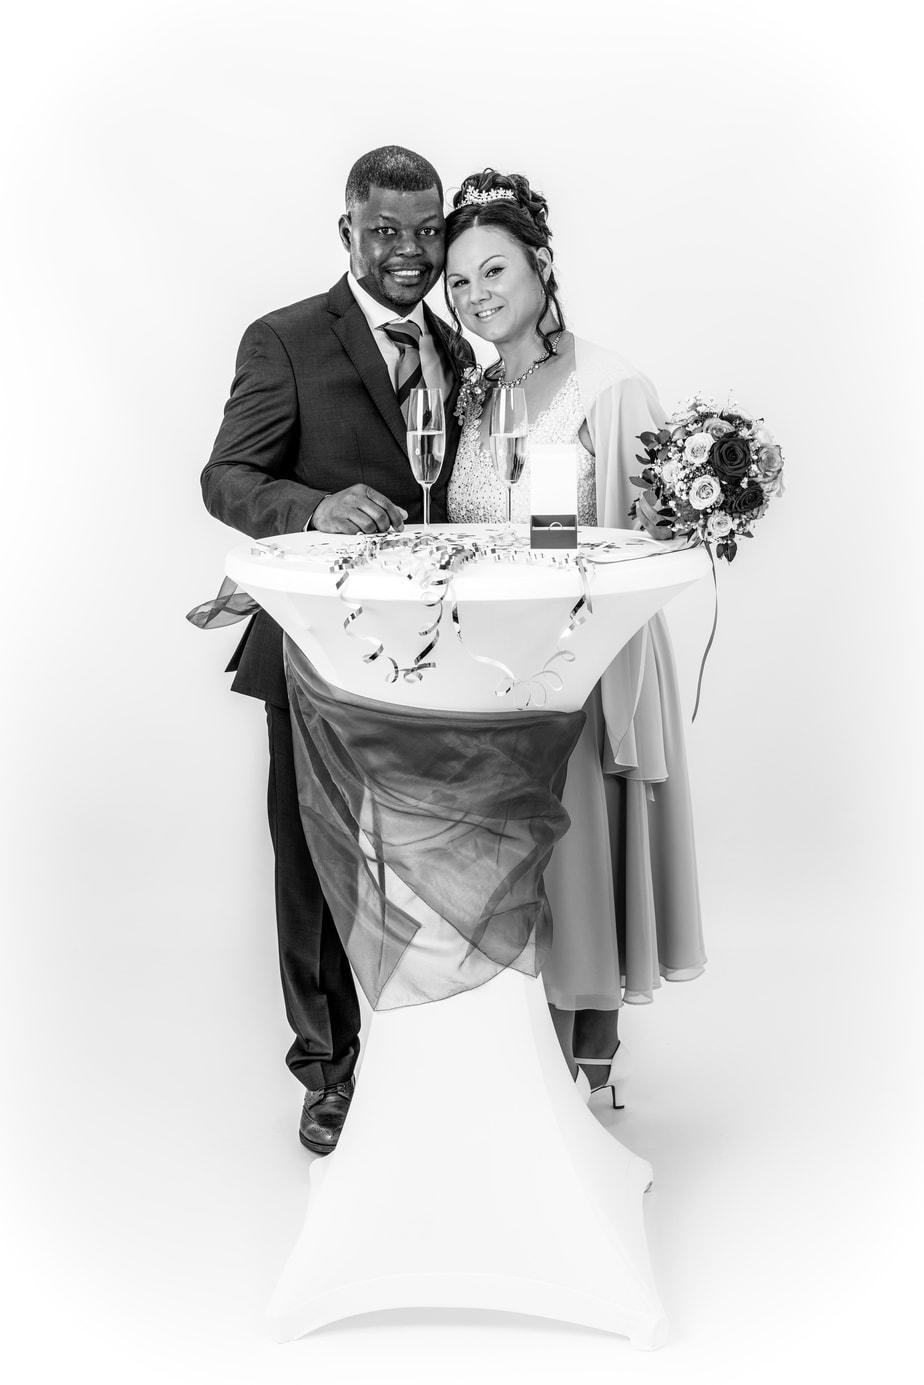 Hochzeitsportrait im Studio in schwarz-weiß